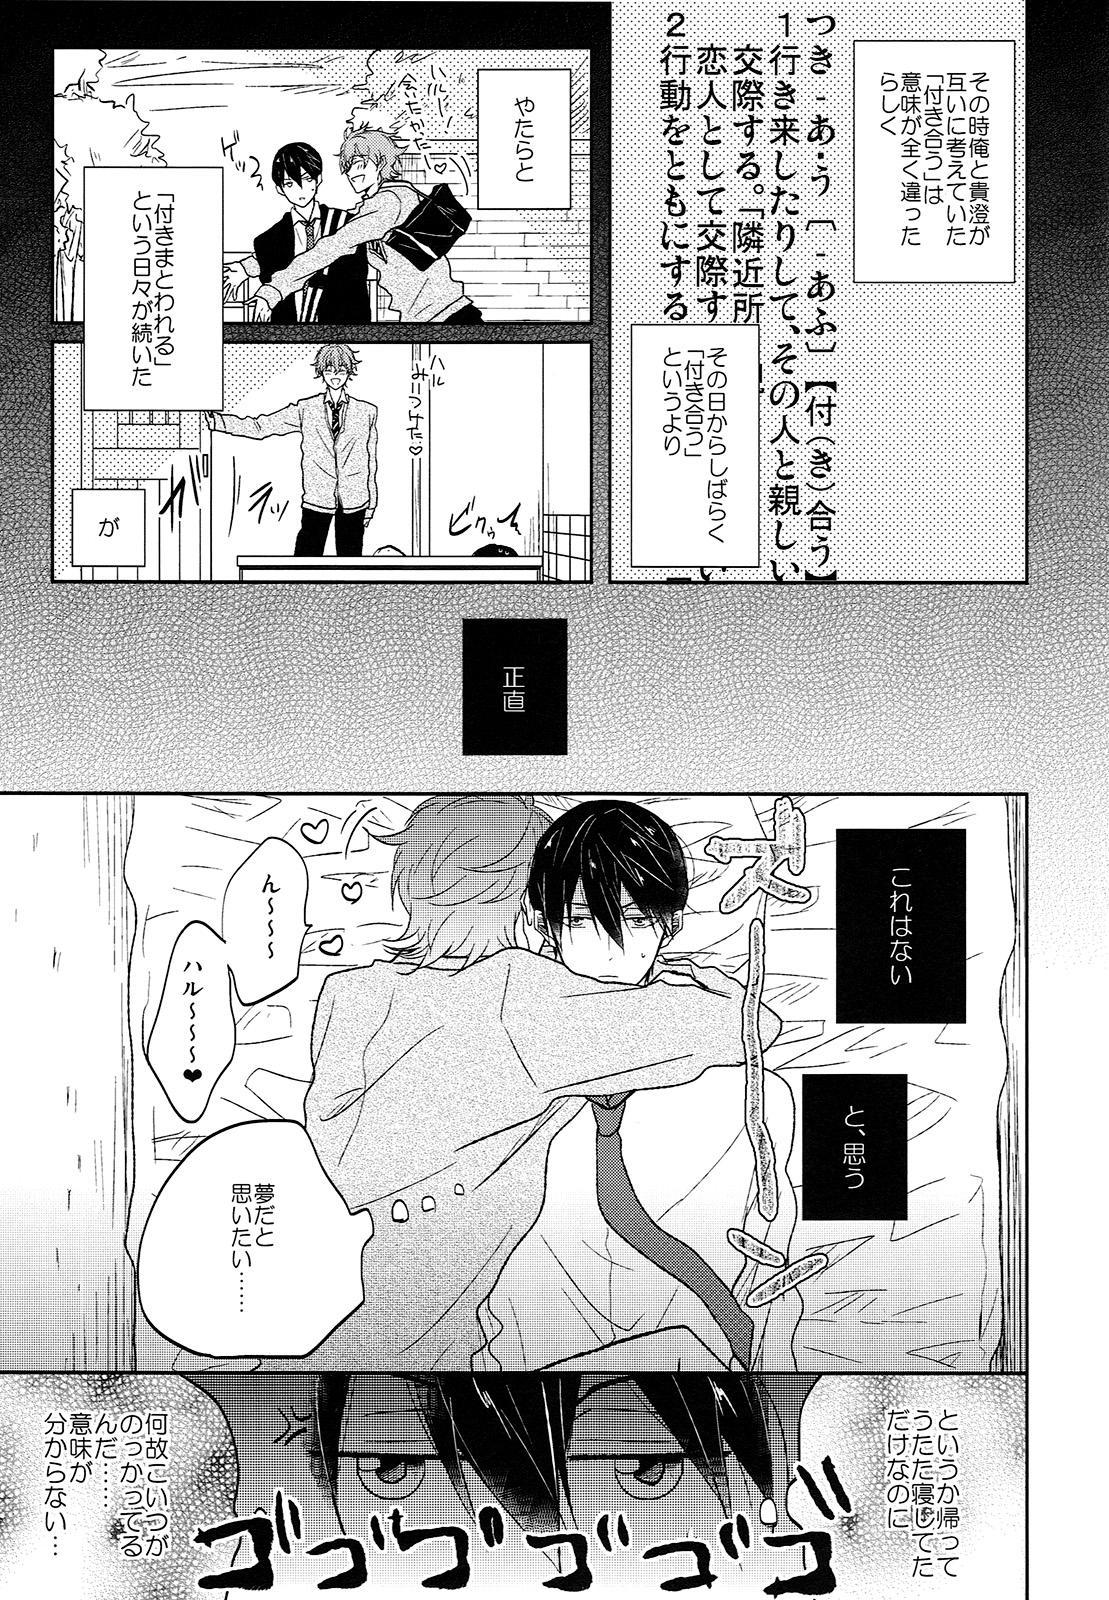 Hizamazuite nyan to nake 7